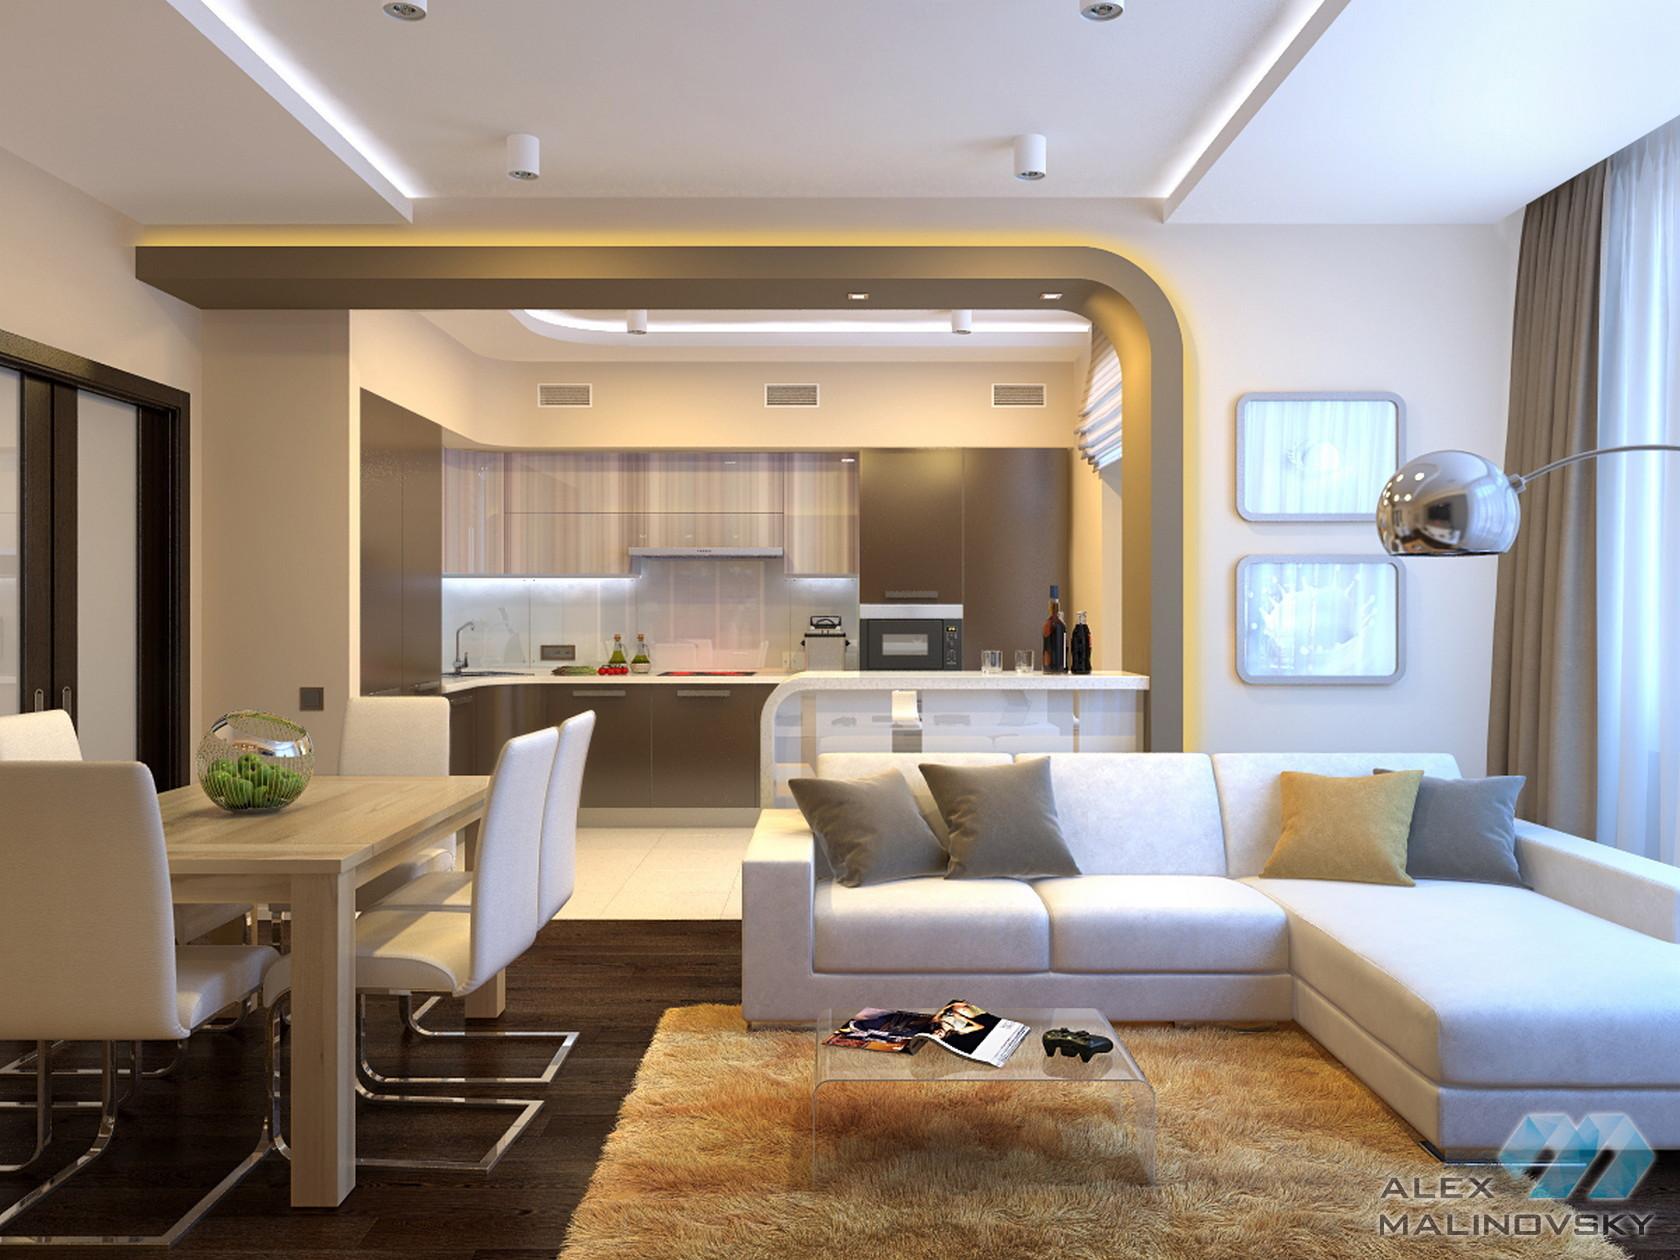 Кухня-гостиная, 3х комнатная квартира, ЖК Озерки, СПб